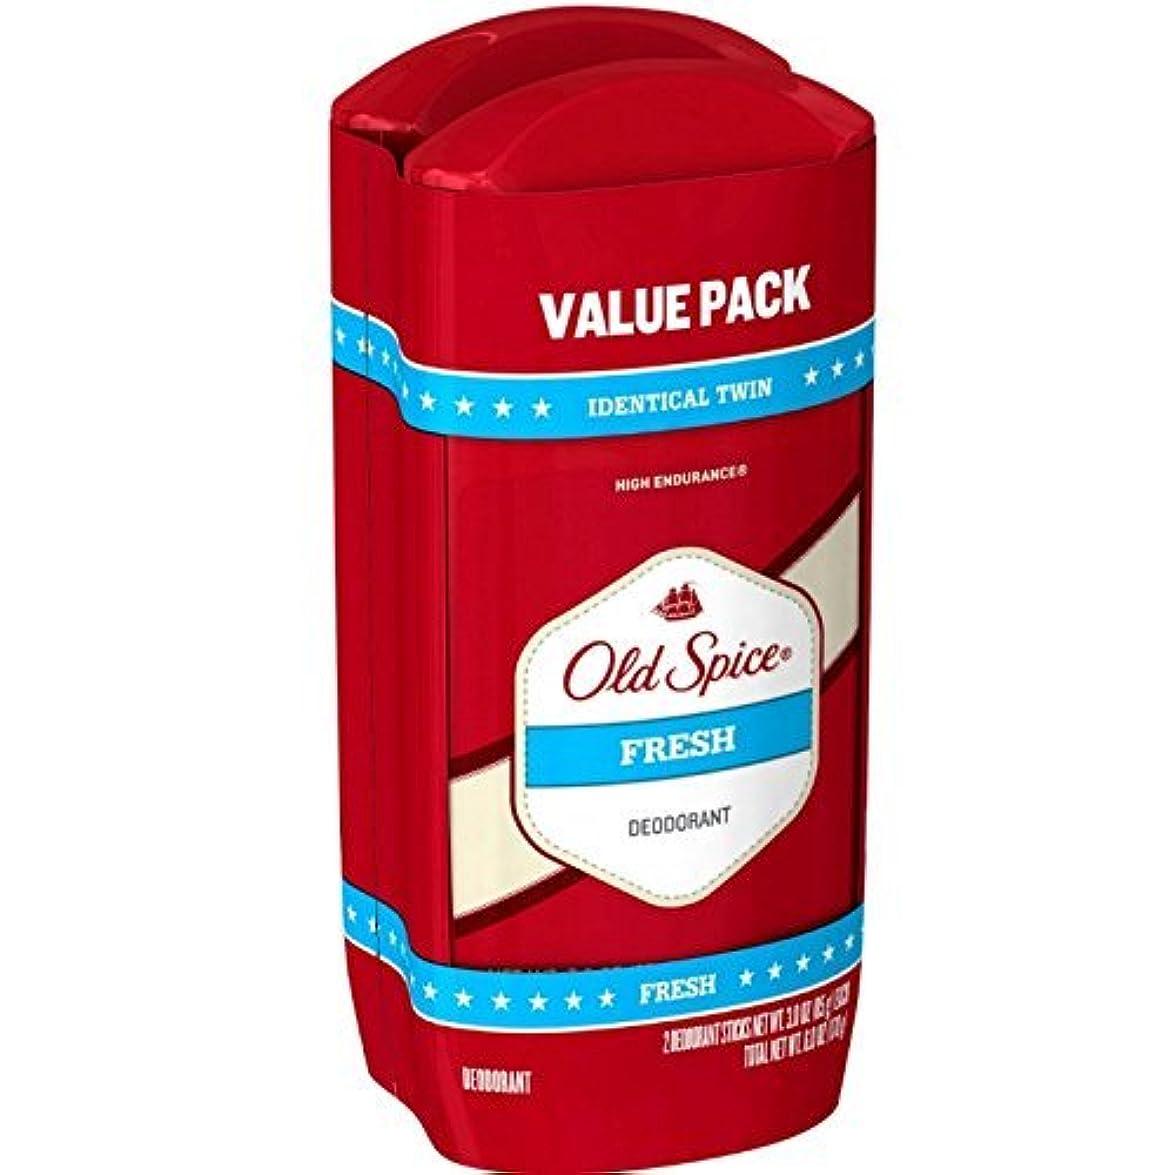 局税金極めて重要なOld Spice デオドラント3オンス新鮮なソリッド二アットワンス(88Ml)(2パック)